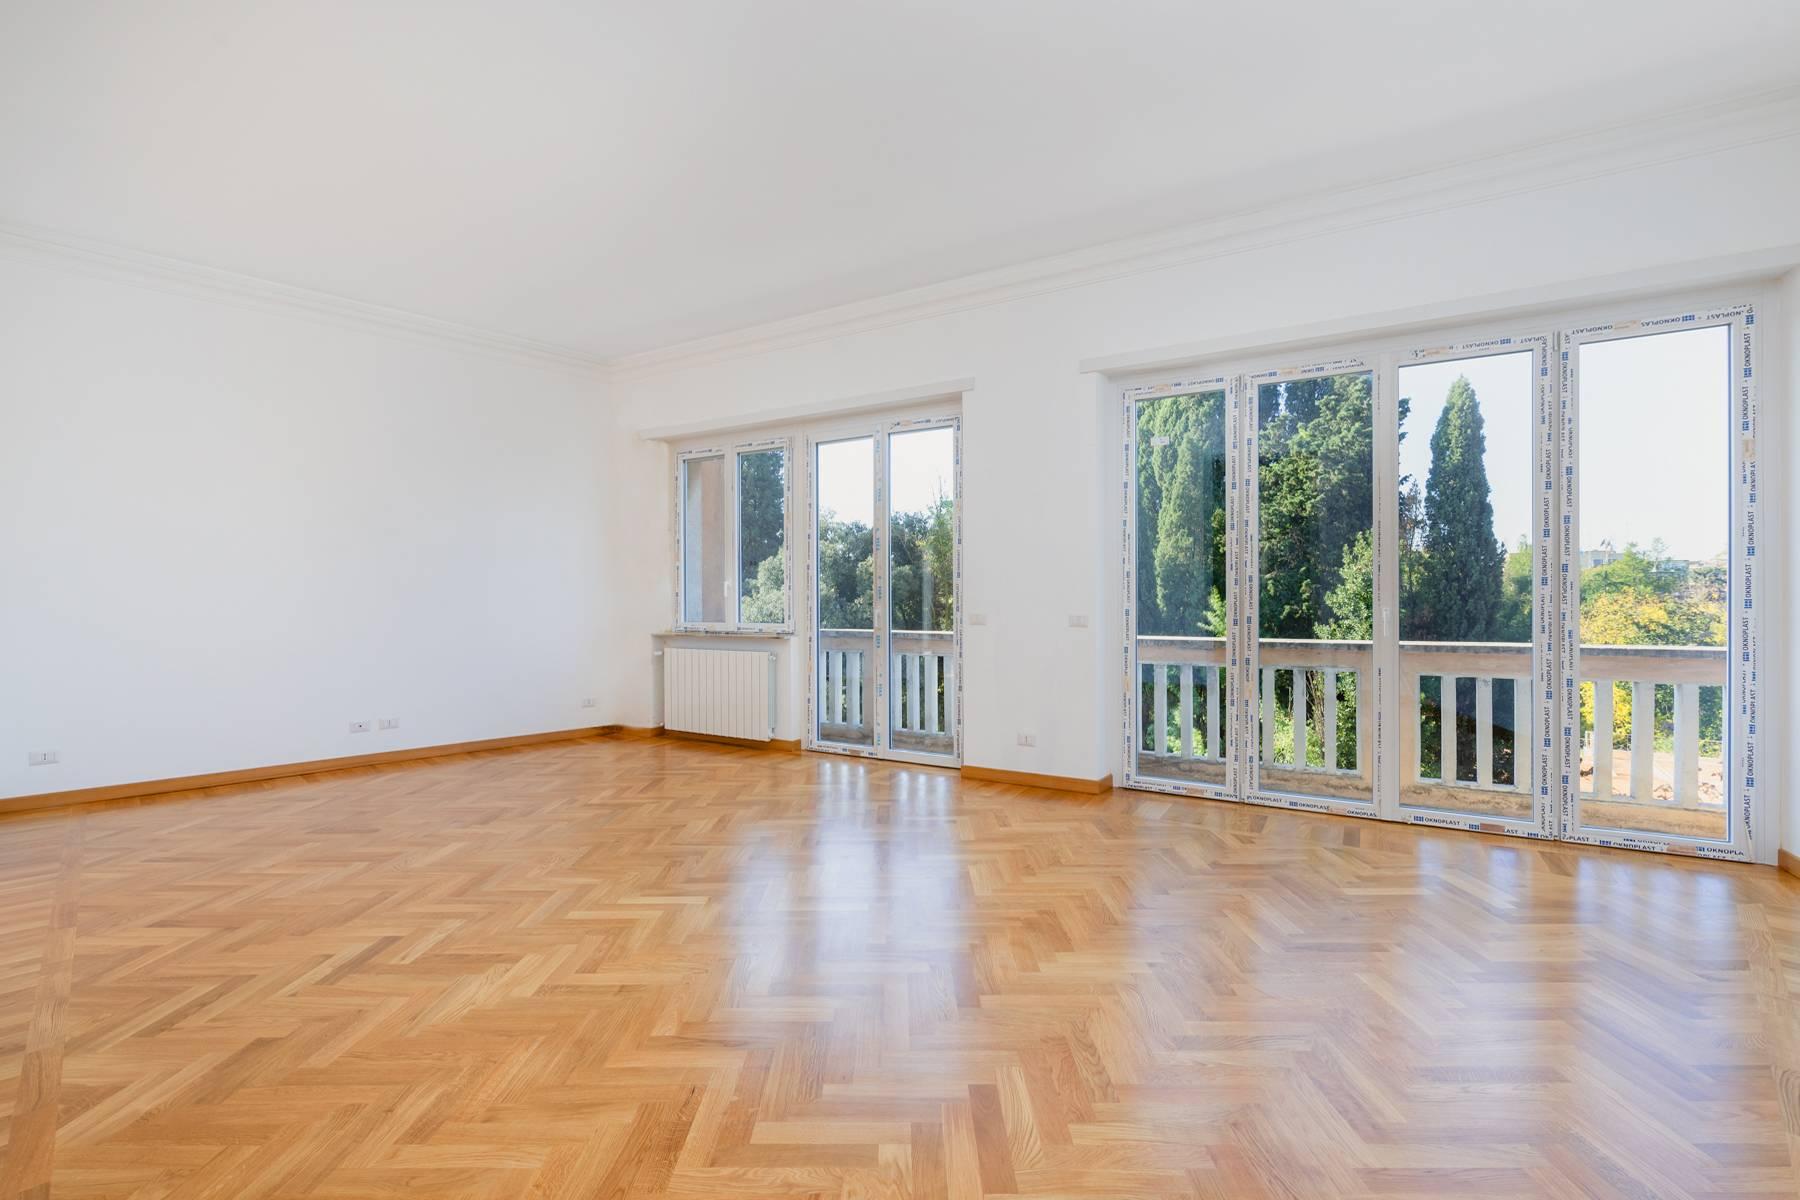 Appartamento in Affitto a Roma 02 Parioli / Pinciano / Flaminio: 5 locali, 160 mq